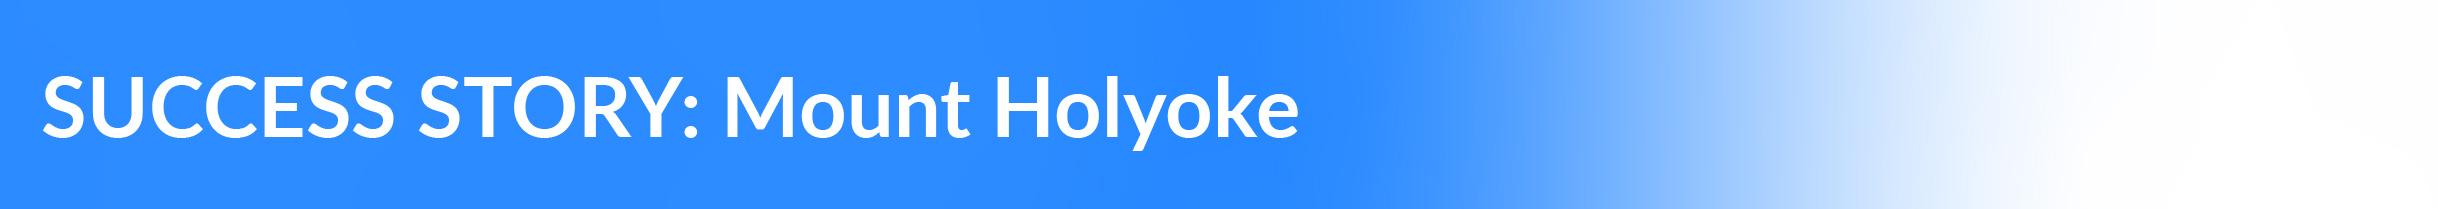 Zoom Mount Holyoke-01.jpg